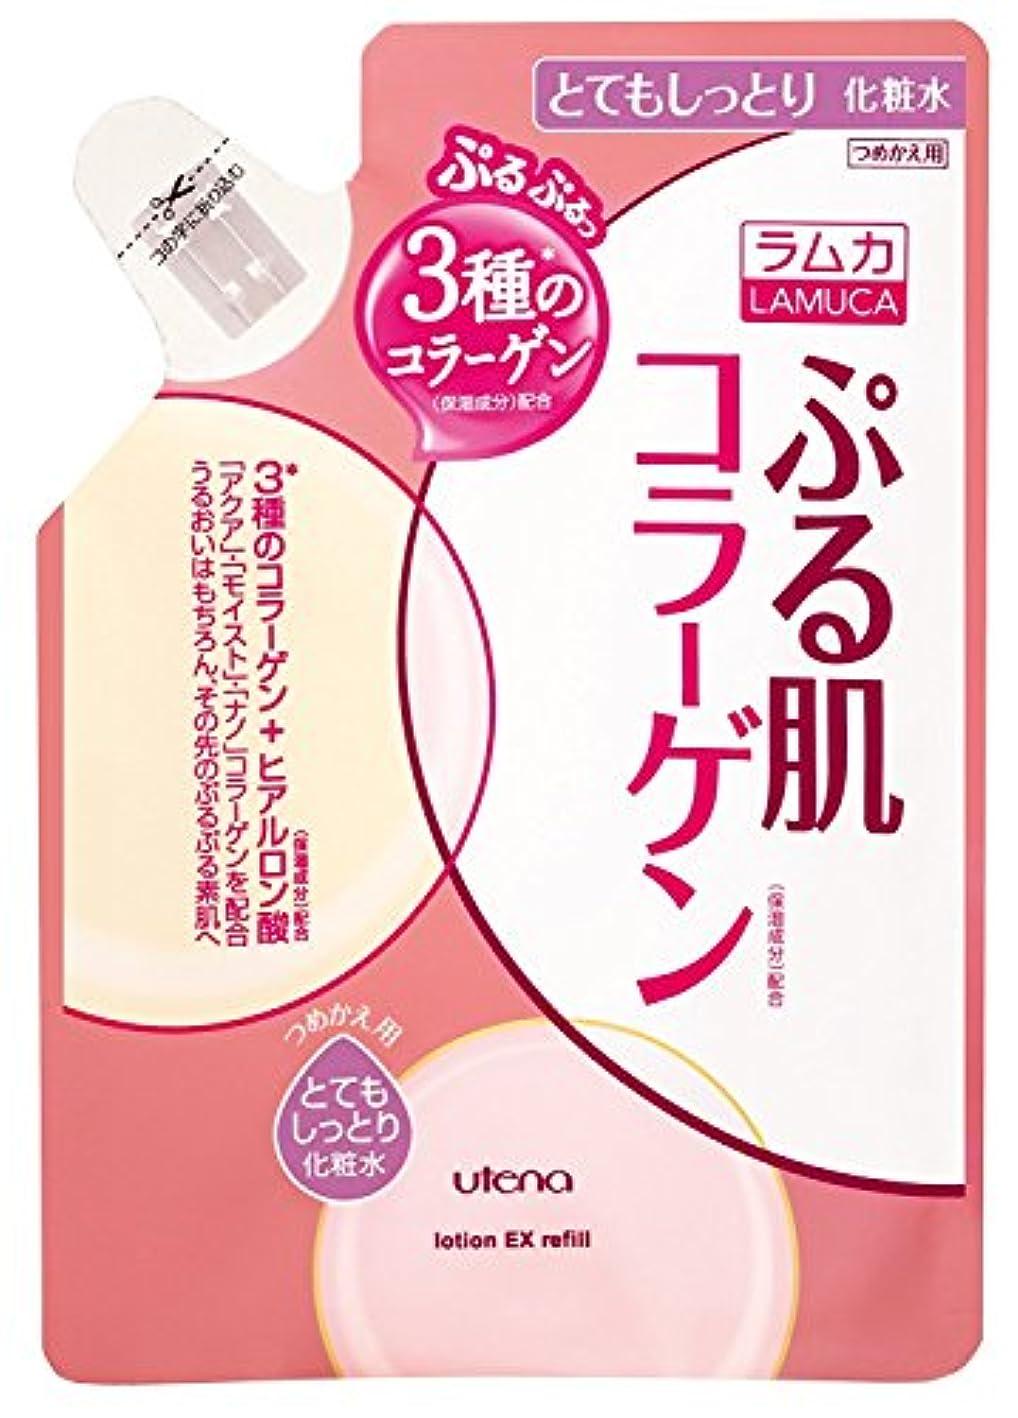 海峡成功する振りかける【ウテナ】ラムカ ぷる肌化粧水 とてもしっとり つめかえ用 180ml ×3個セット